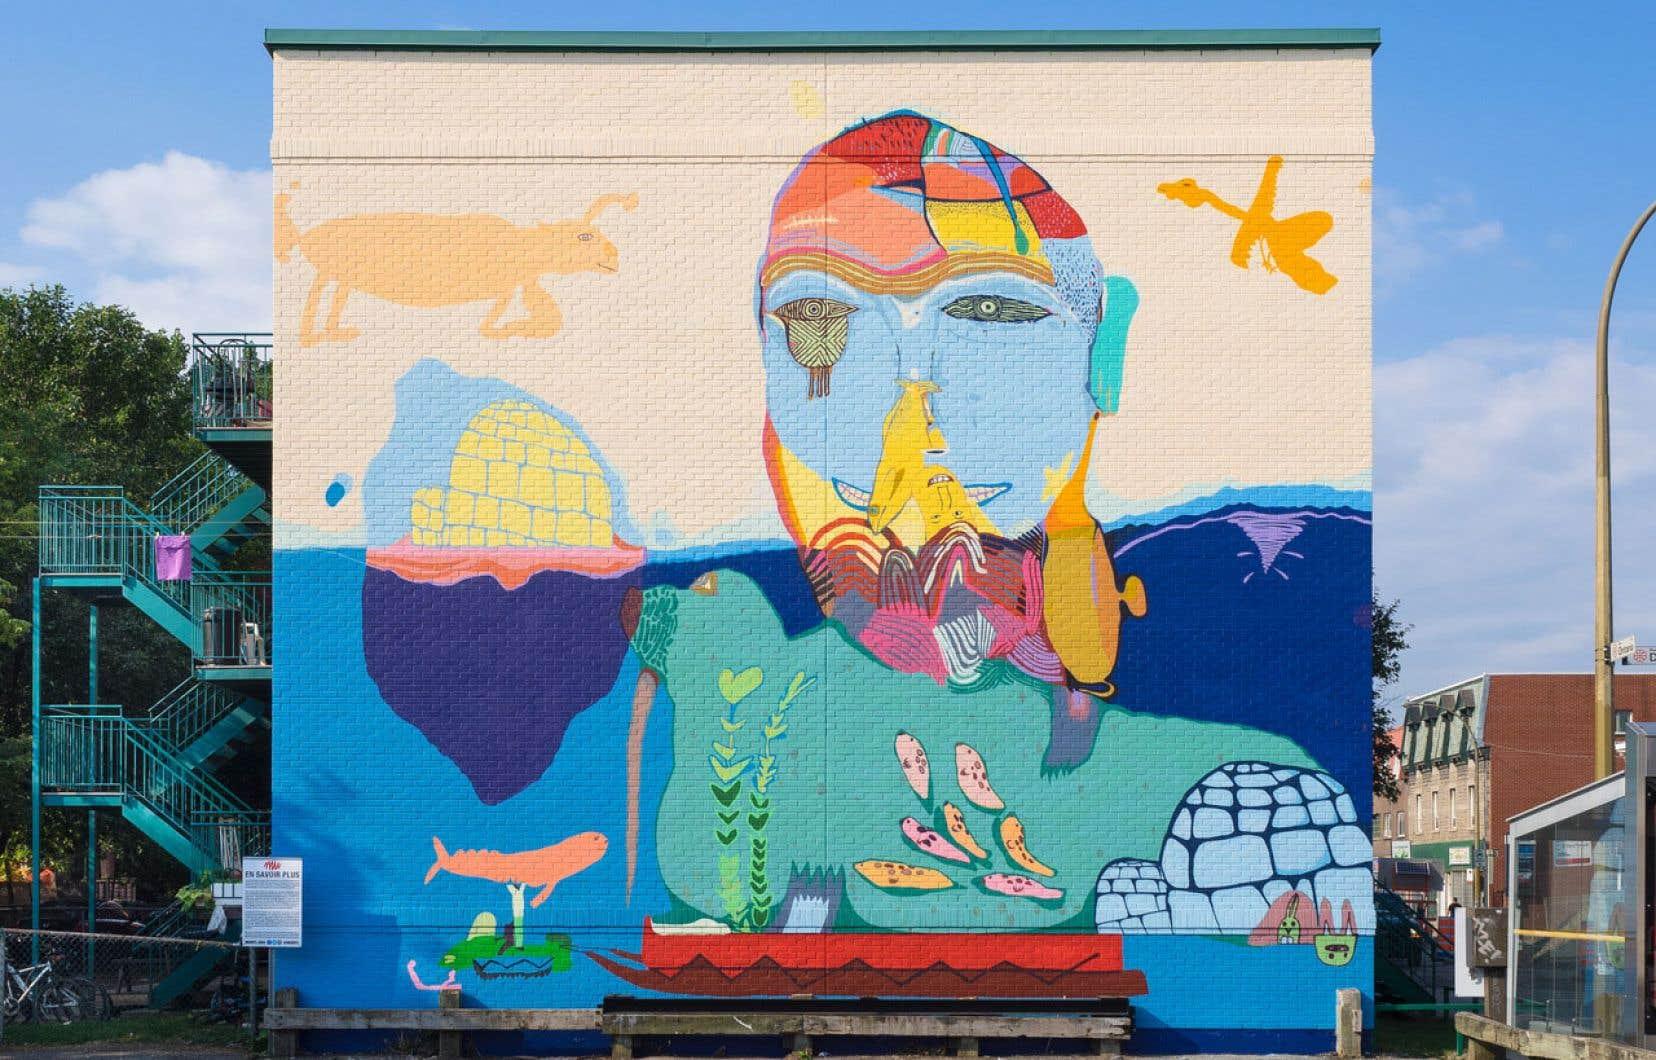 MU a toujours eu de l'intérêt pour l'art autochtone, selon sa directrice Elizabeth-Ann Doyle. Ici, Qanuqtuurniq, réalisée en 2016 par des jeunes de Cape Dorset, au Nunavut, en collaboration avec des muralistes professionnels.